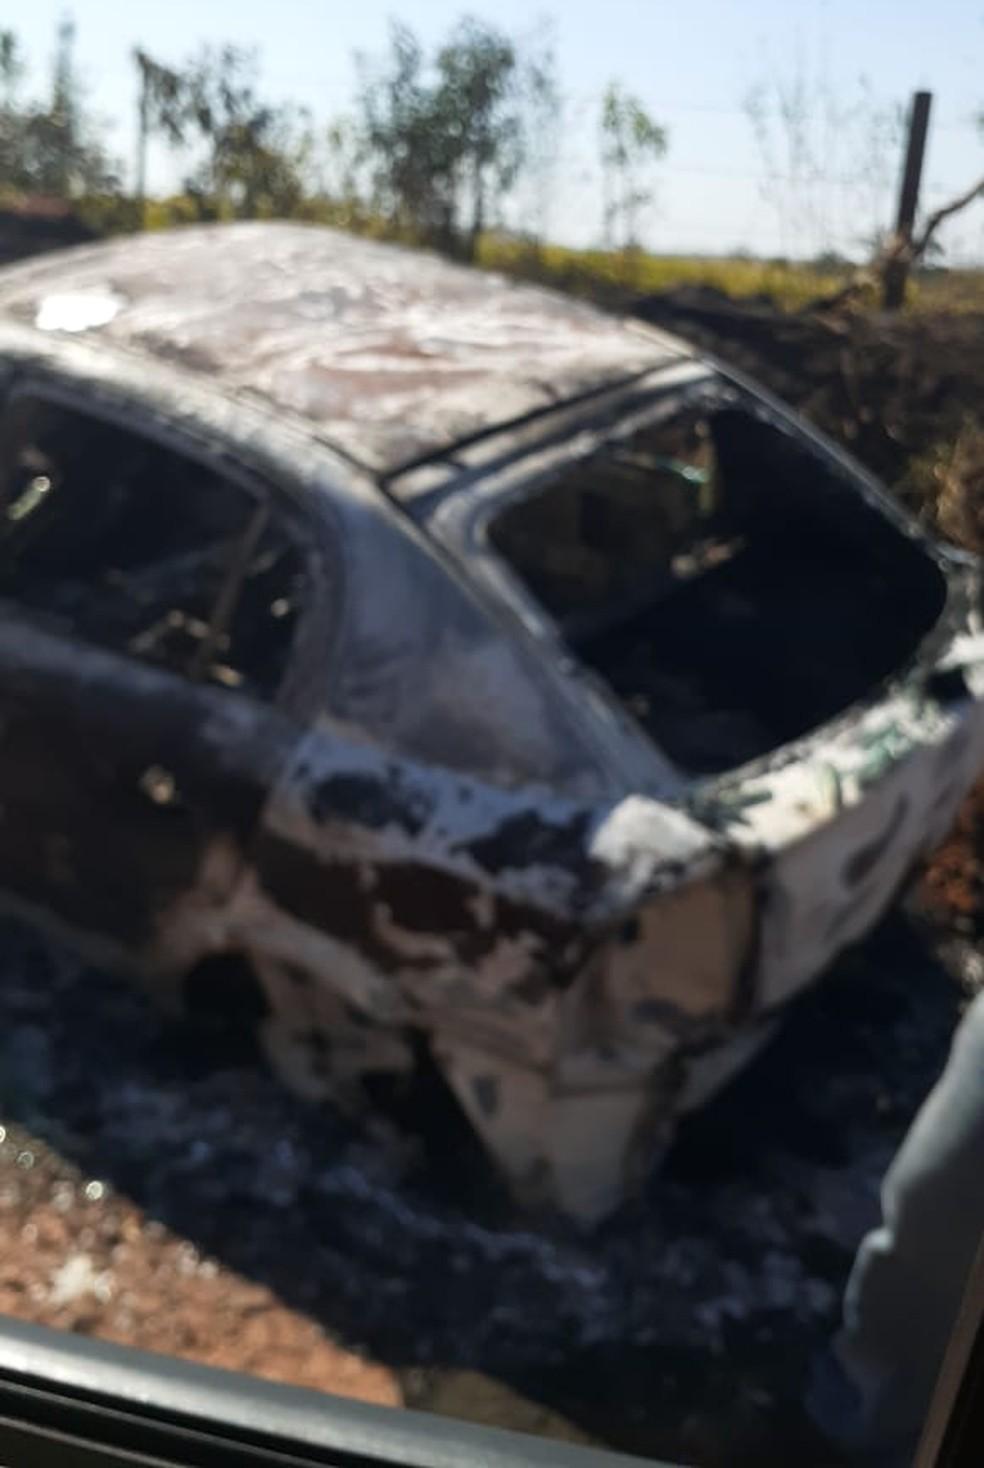 Polícia encontrou carro das vítimas abandonado e queimado, na zona rural de Areiópolis — Foto: Polícia Civil/Divulgação